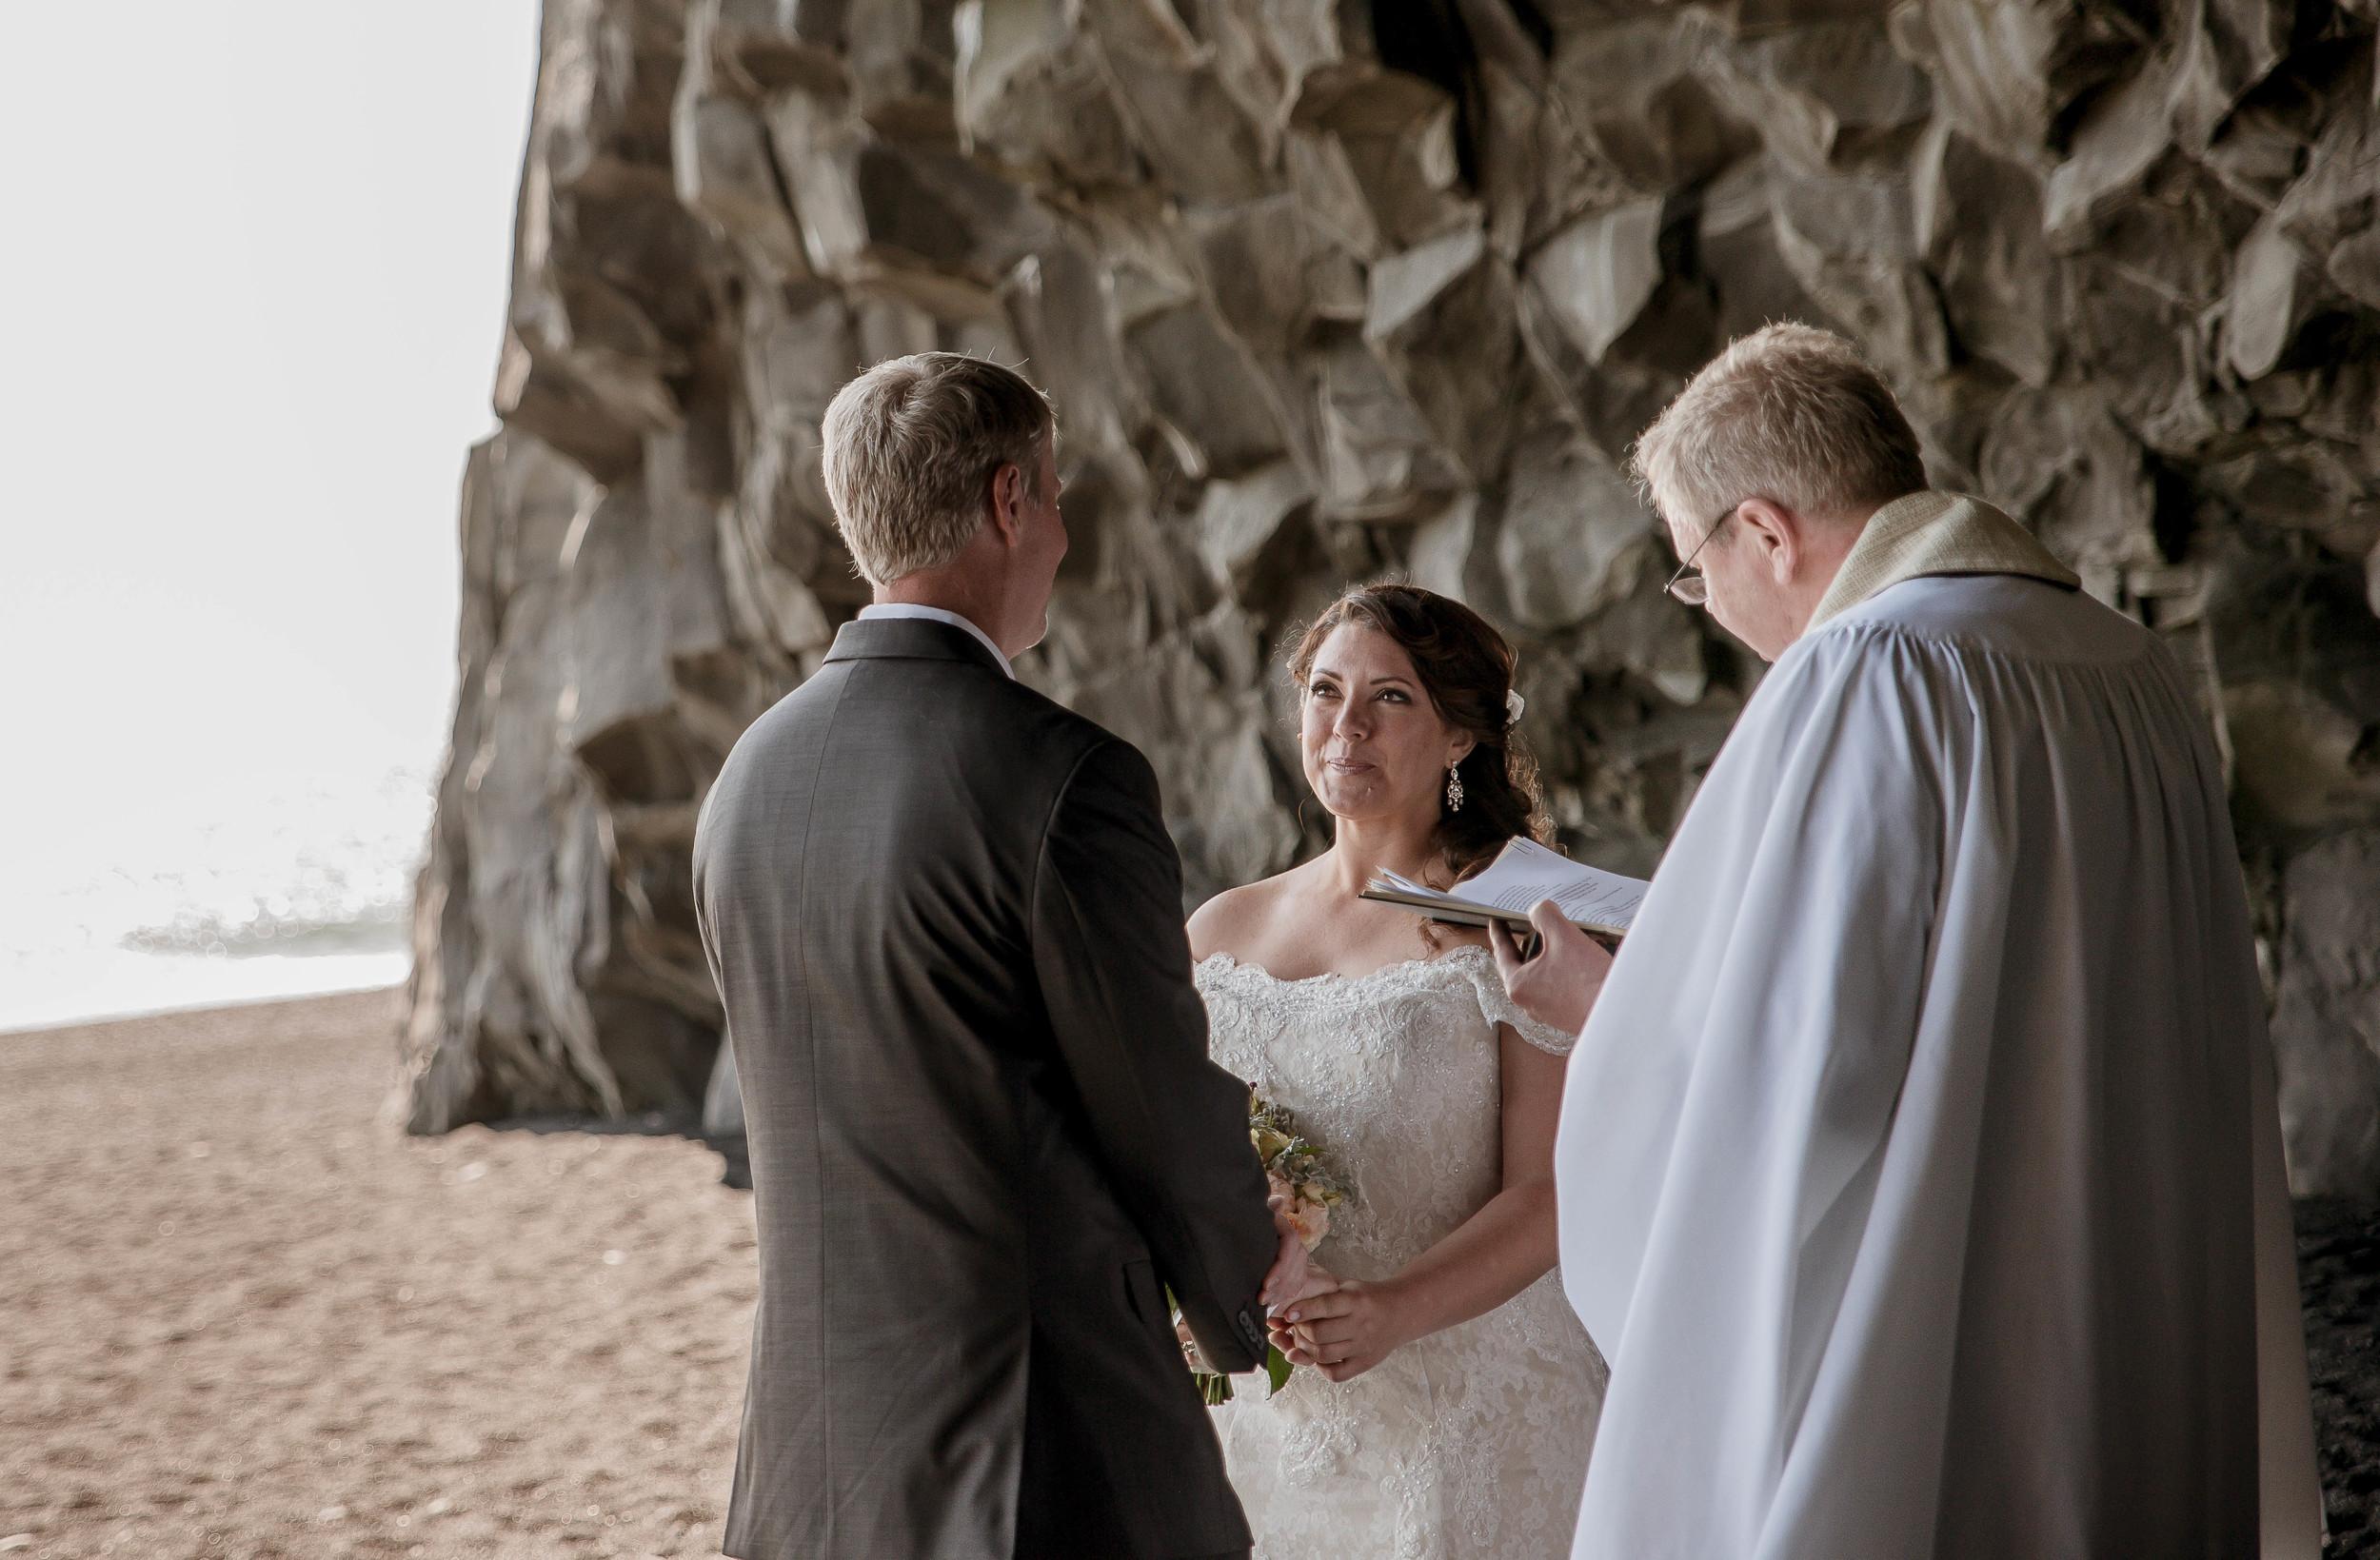 Iceland Wedding Photographer Photos by Miss Ann-24.jpg